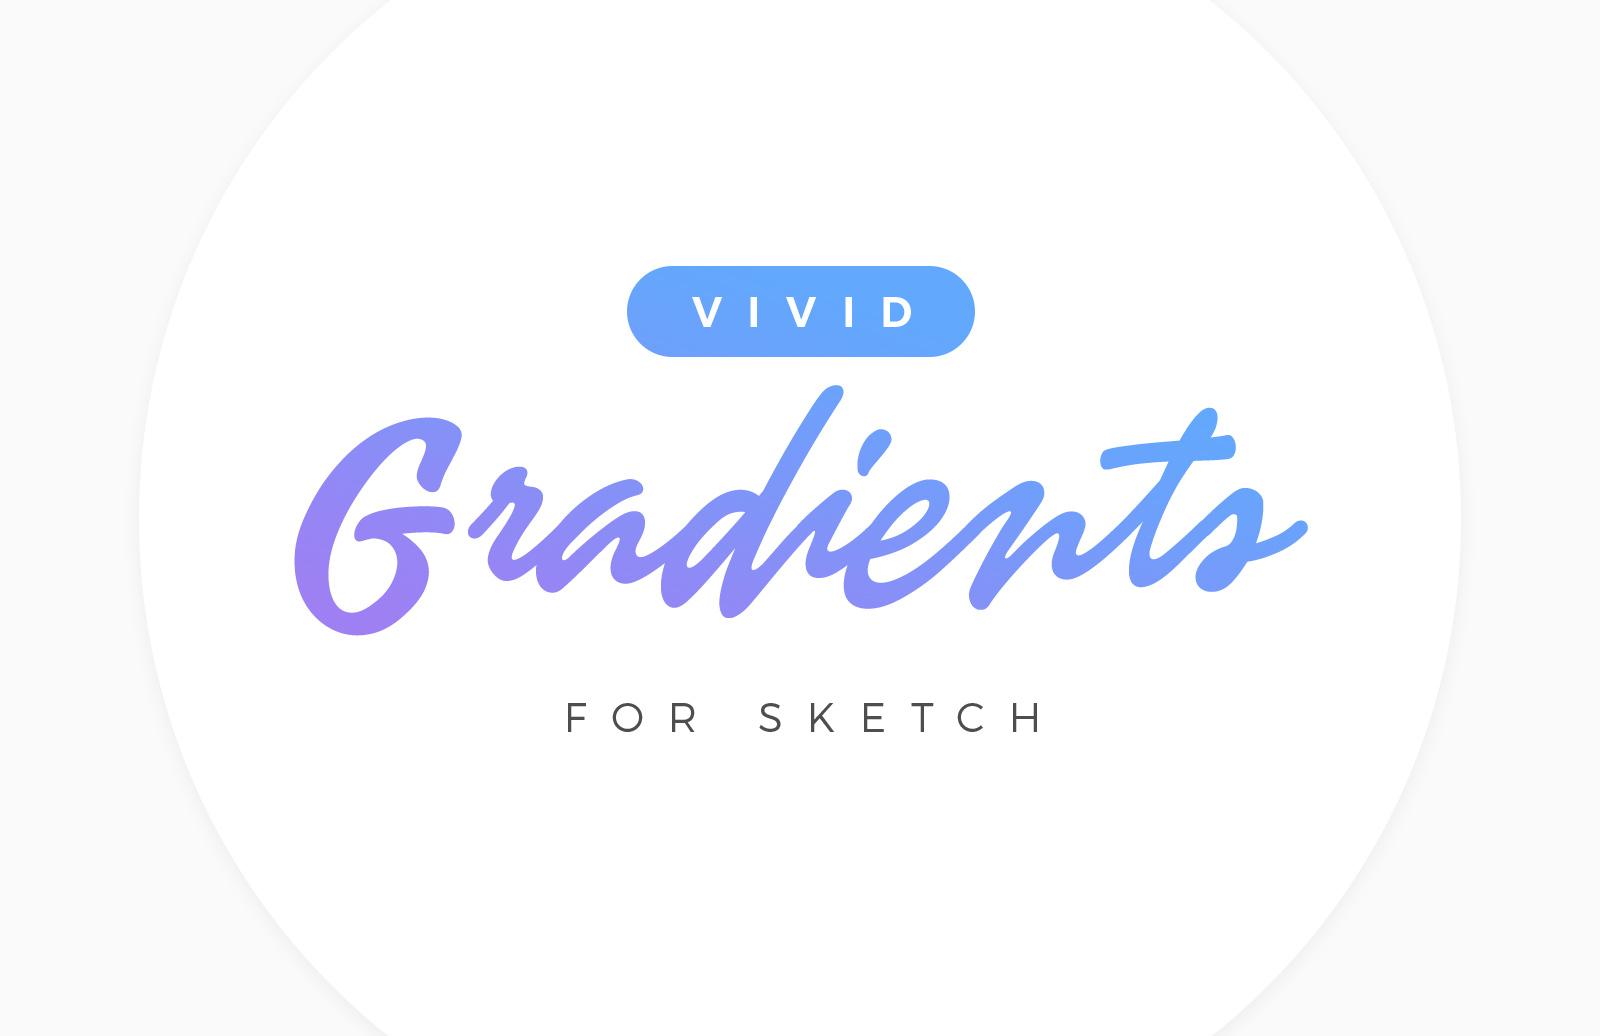 Vivid Gradients for Sketch 1